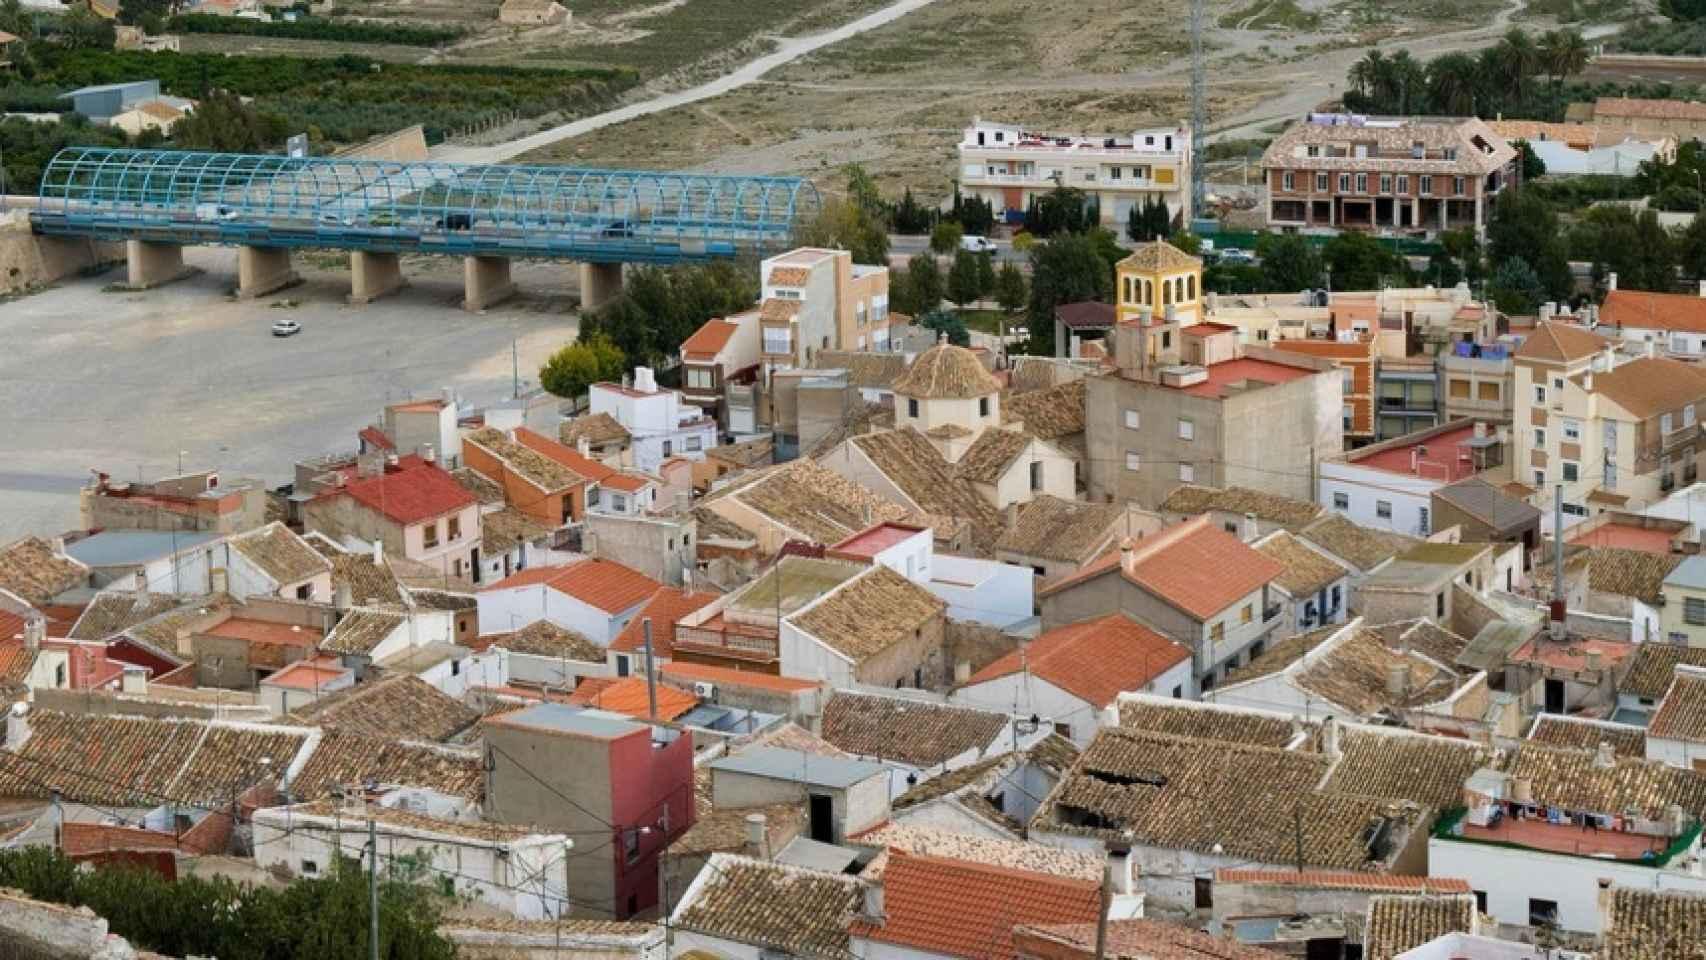 Vista aérea del pueblo.